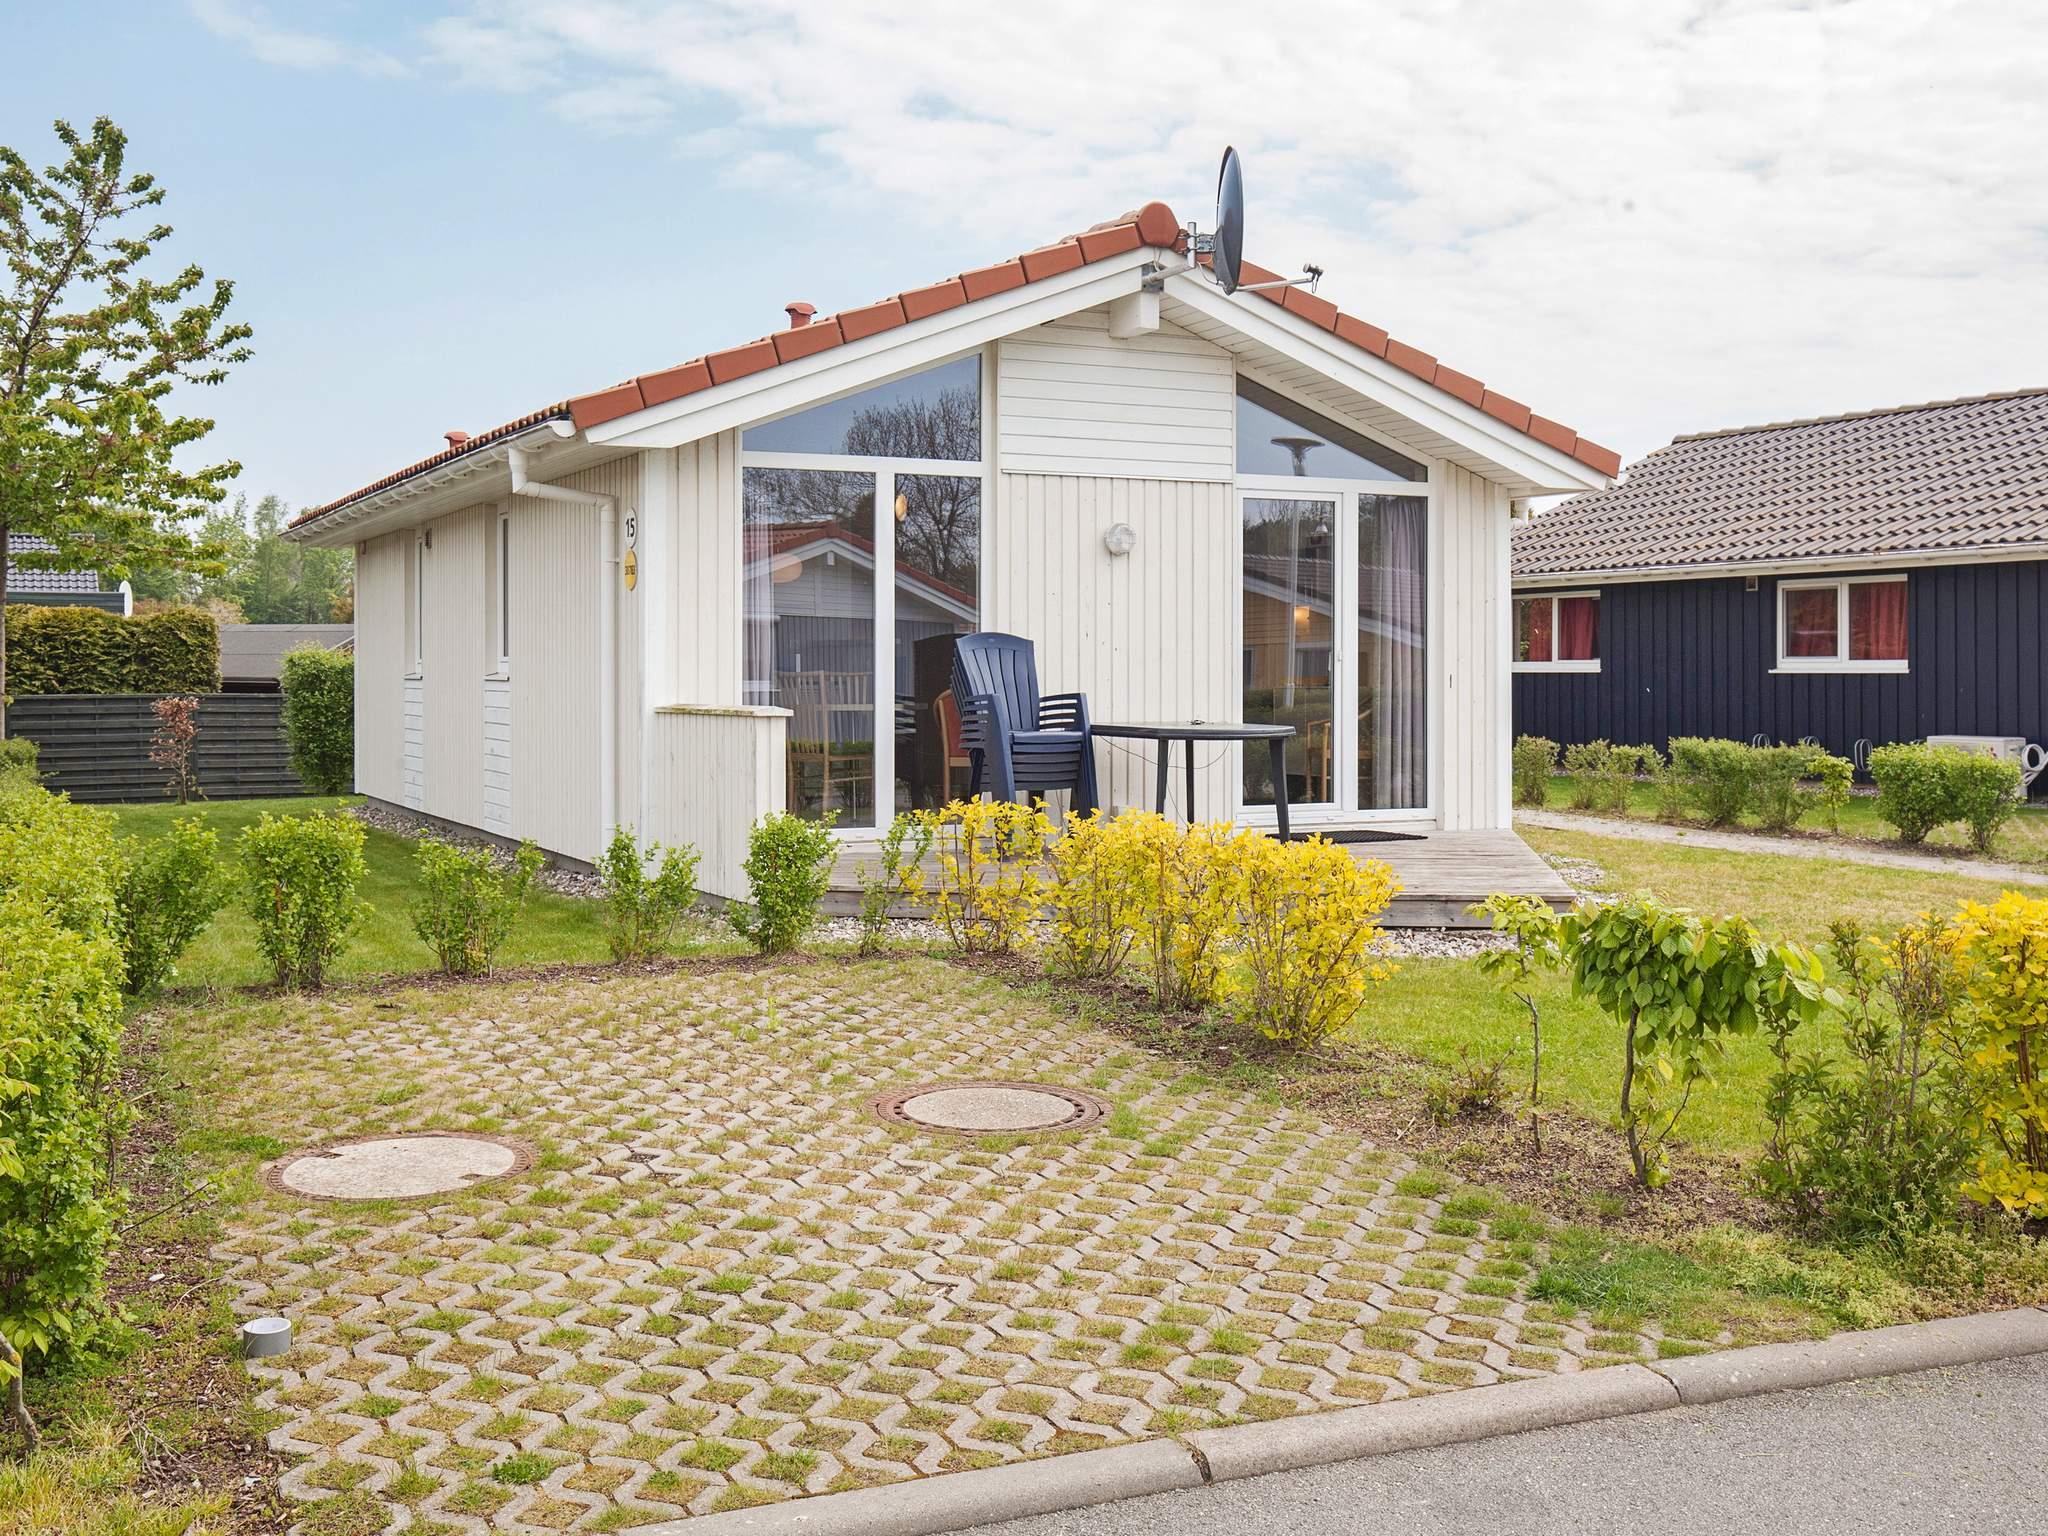 Maison de vacances Grömitz (436444), Grömitz, Baie de Lübeck, Schleswig-Holstein, Allemagne, image 1